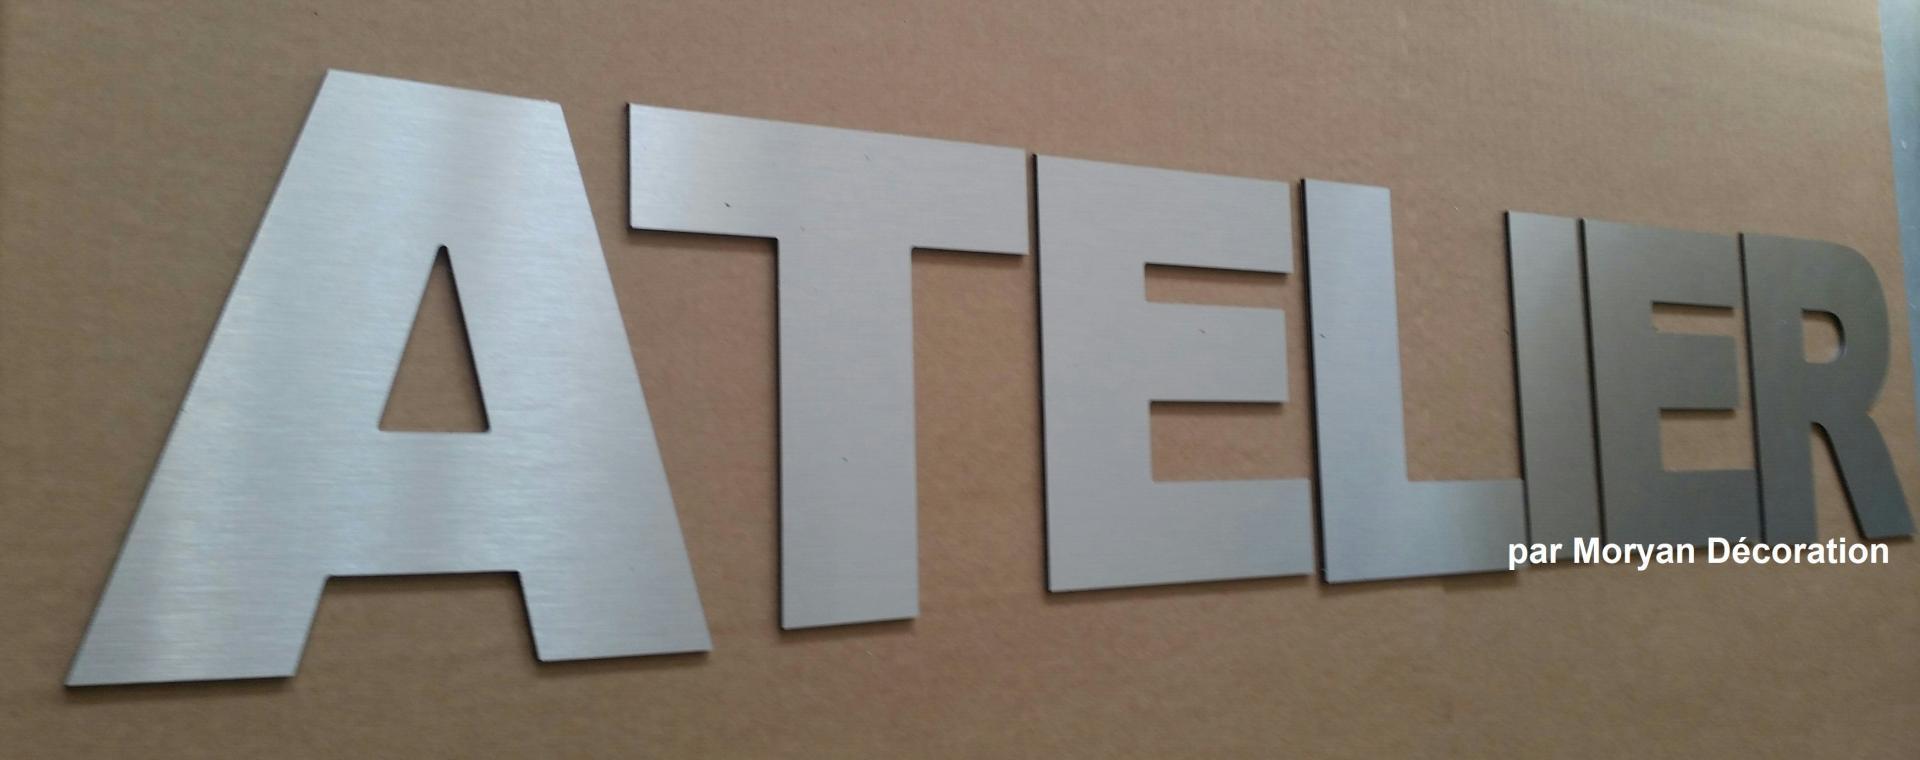 Lettre decorative ATELIER